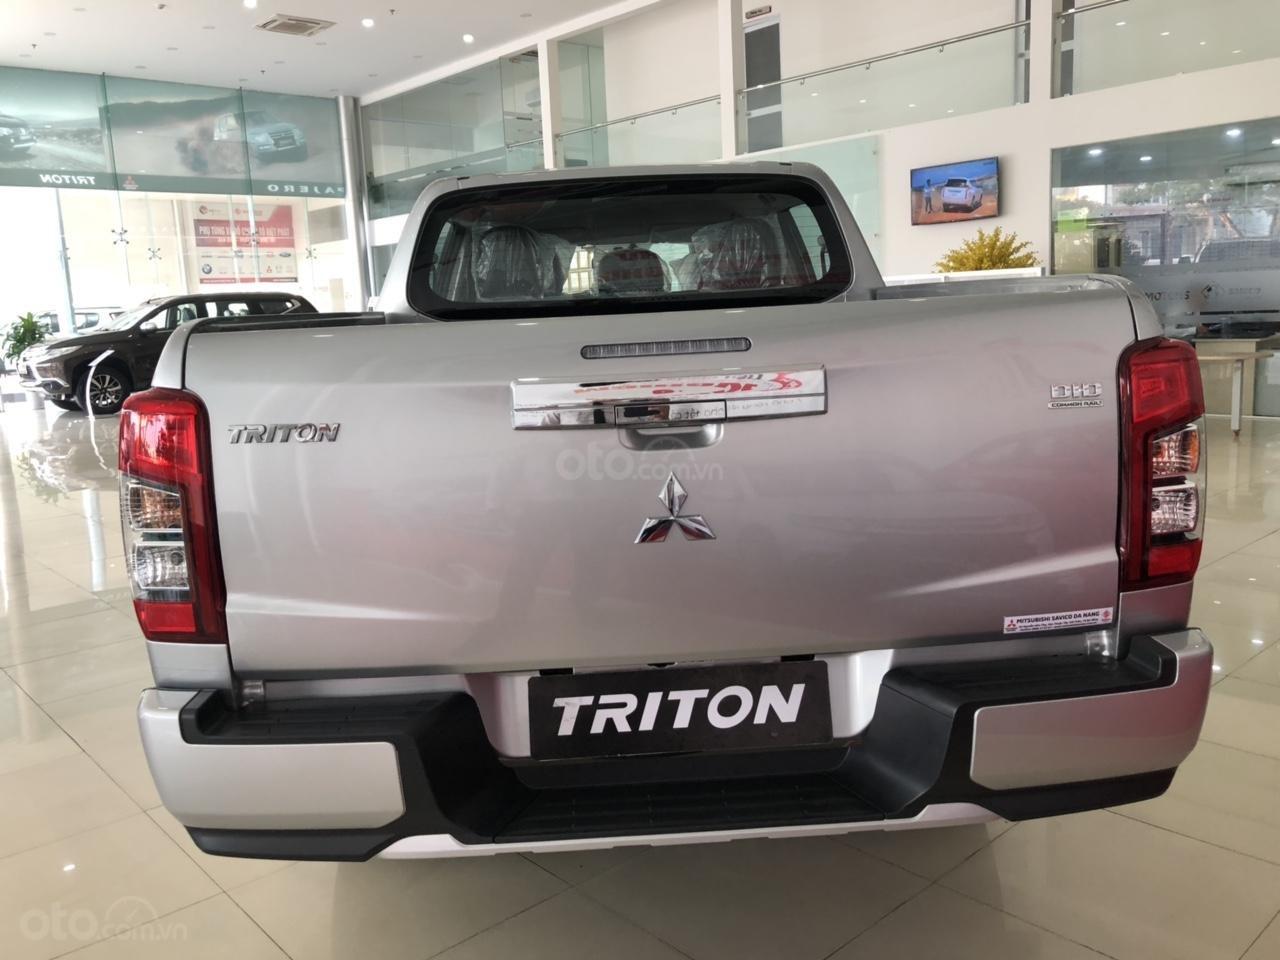 [Siêu hot] Mitsubishi Triton 2019, màu bạc, nhập khẩu Thái, đẳng cấp phân khúc, cho vay 80%. LH: 0905.91.01.99 (5)